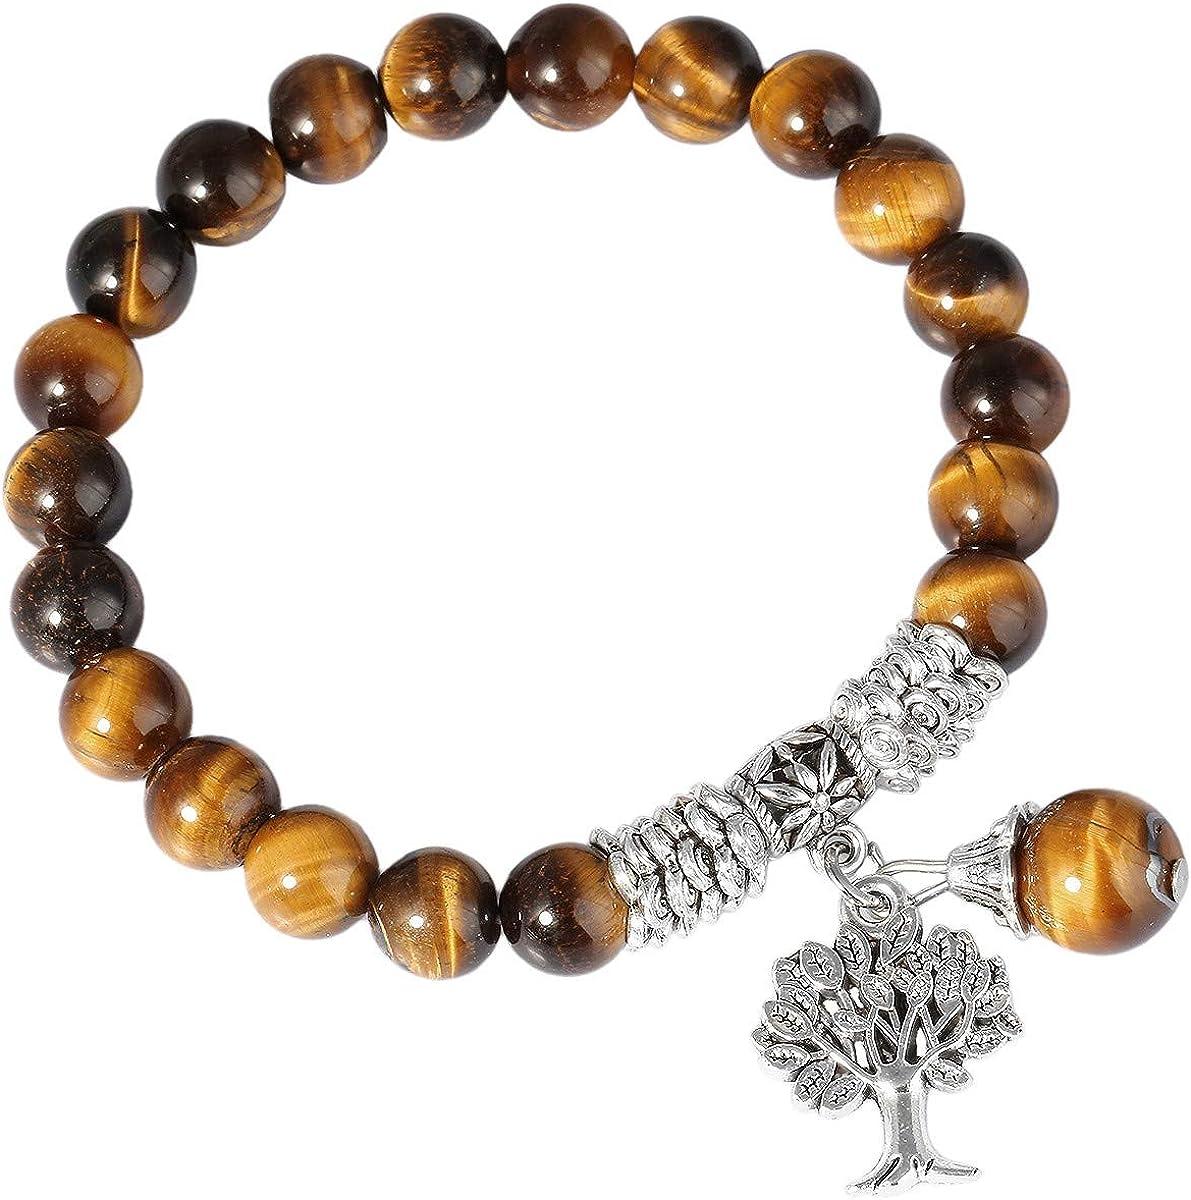 KYEYGWO - Pulsera elástica con perlas de 8 mm, hecha a mano, piedras preciosas naturales, chakras curación, cristal